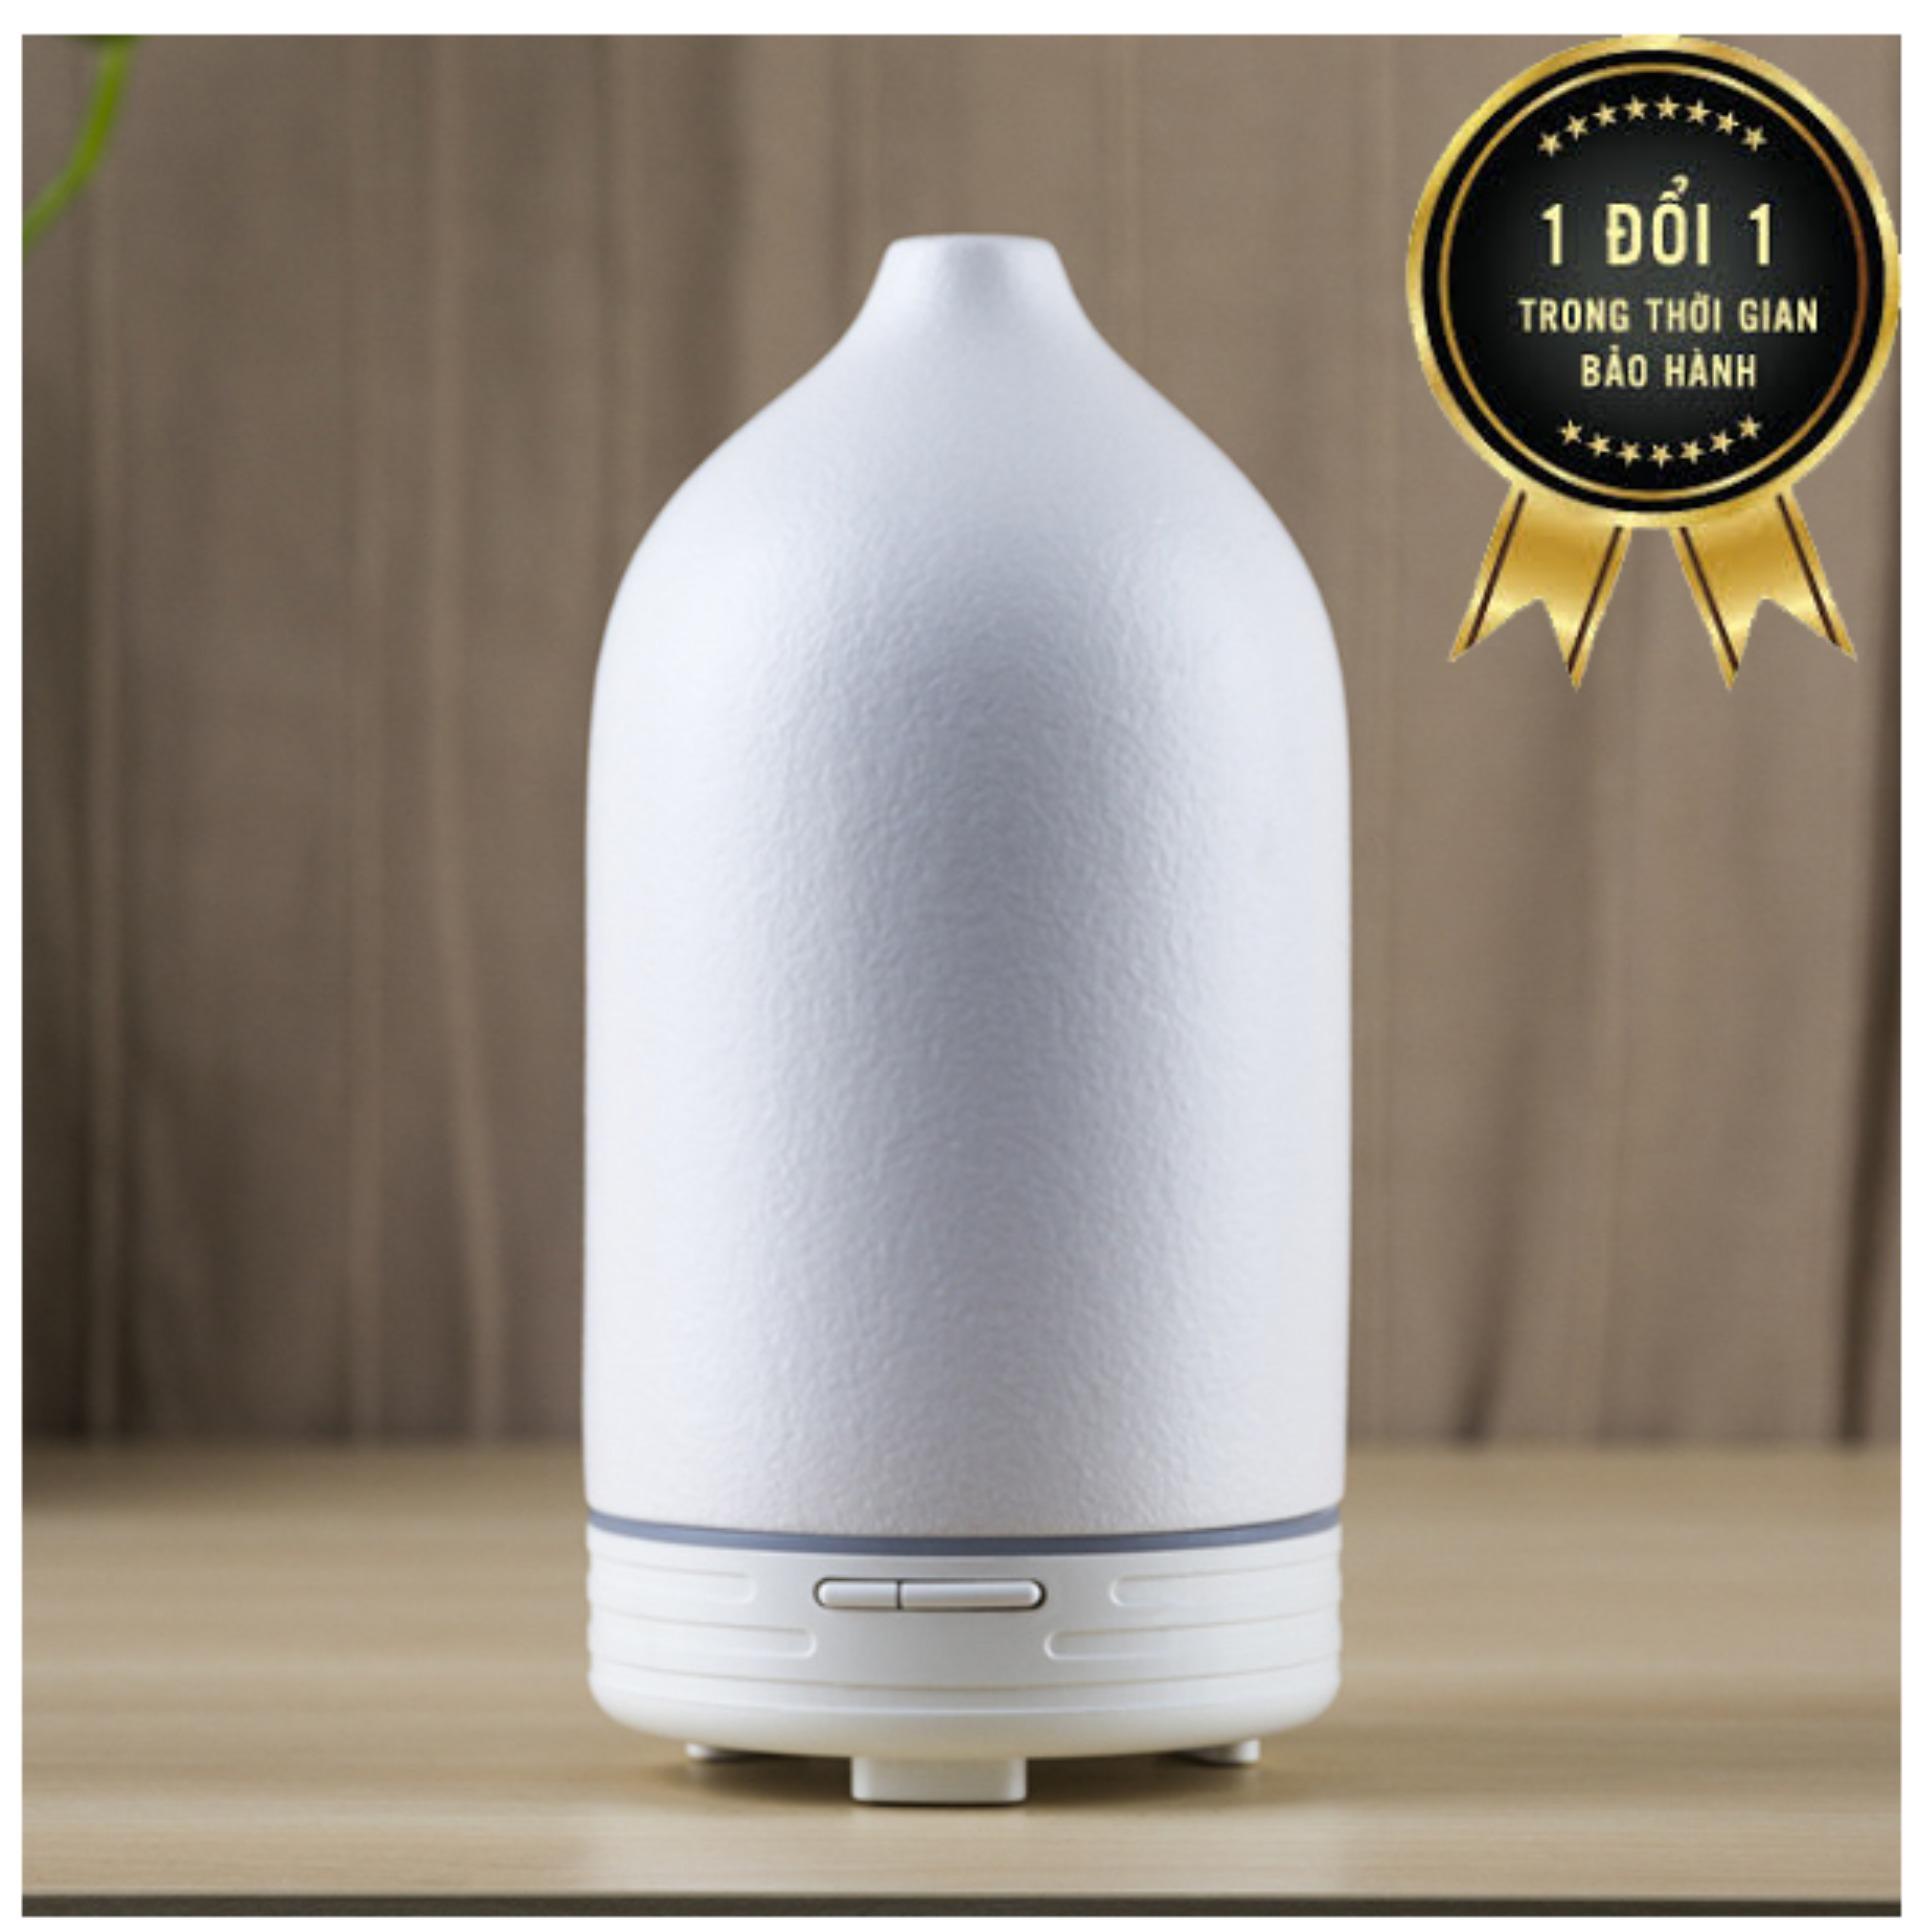 Máy phun sương khuếch tán tinh dầu gốm trắng dung tích 120ml 2 chế độ dành cho phòng dưới 30m2  tặng 10ml tinh dầu bạc hà ngọc tuyết